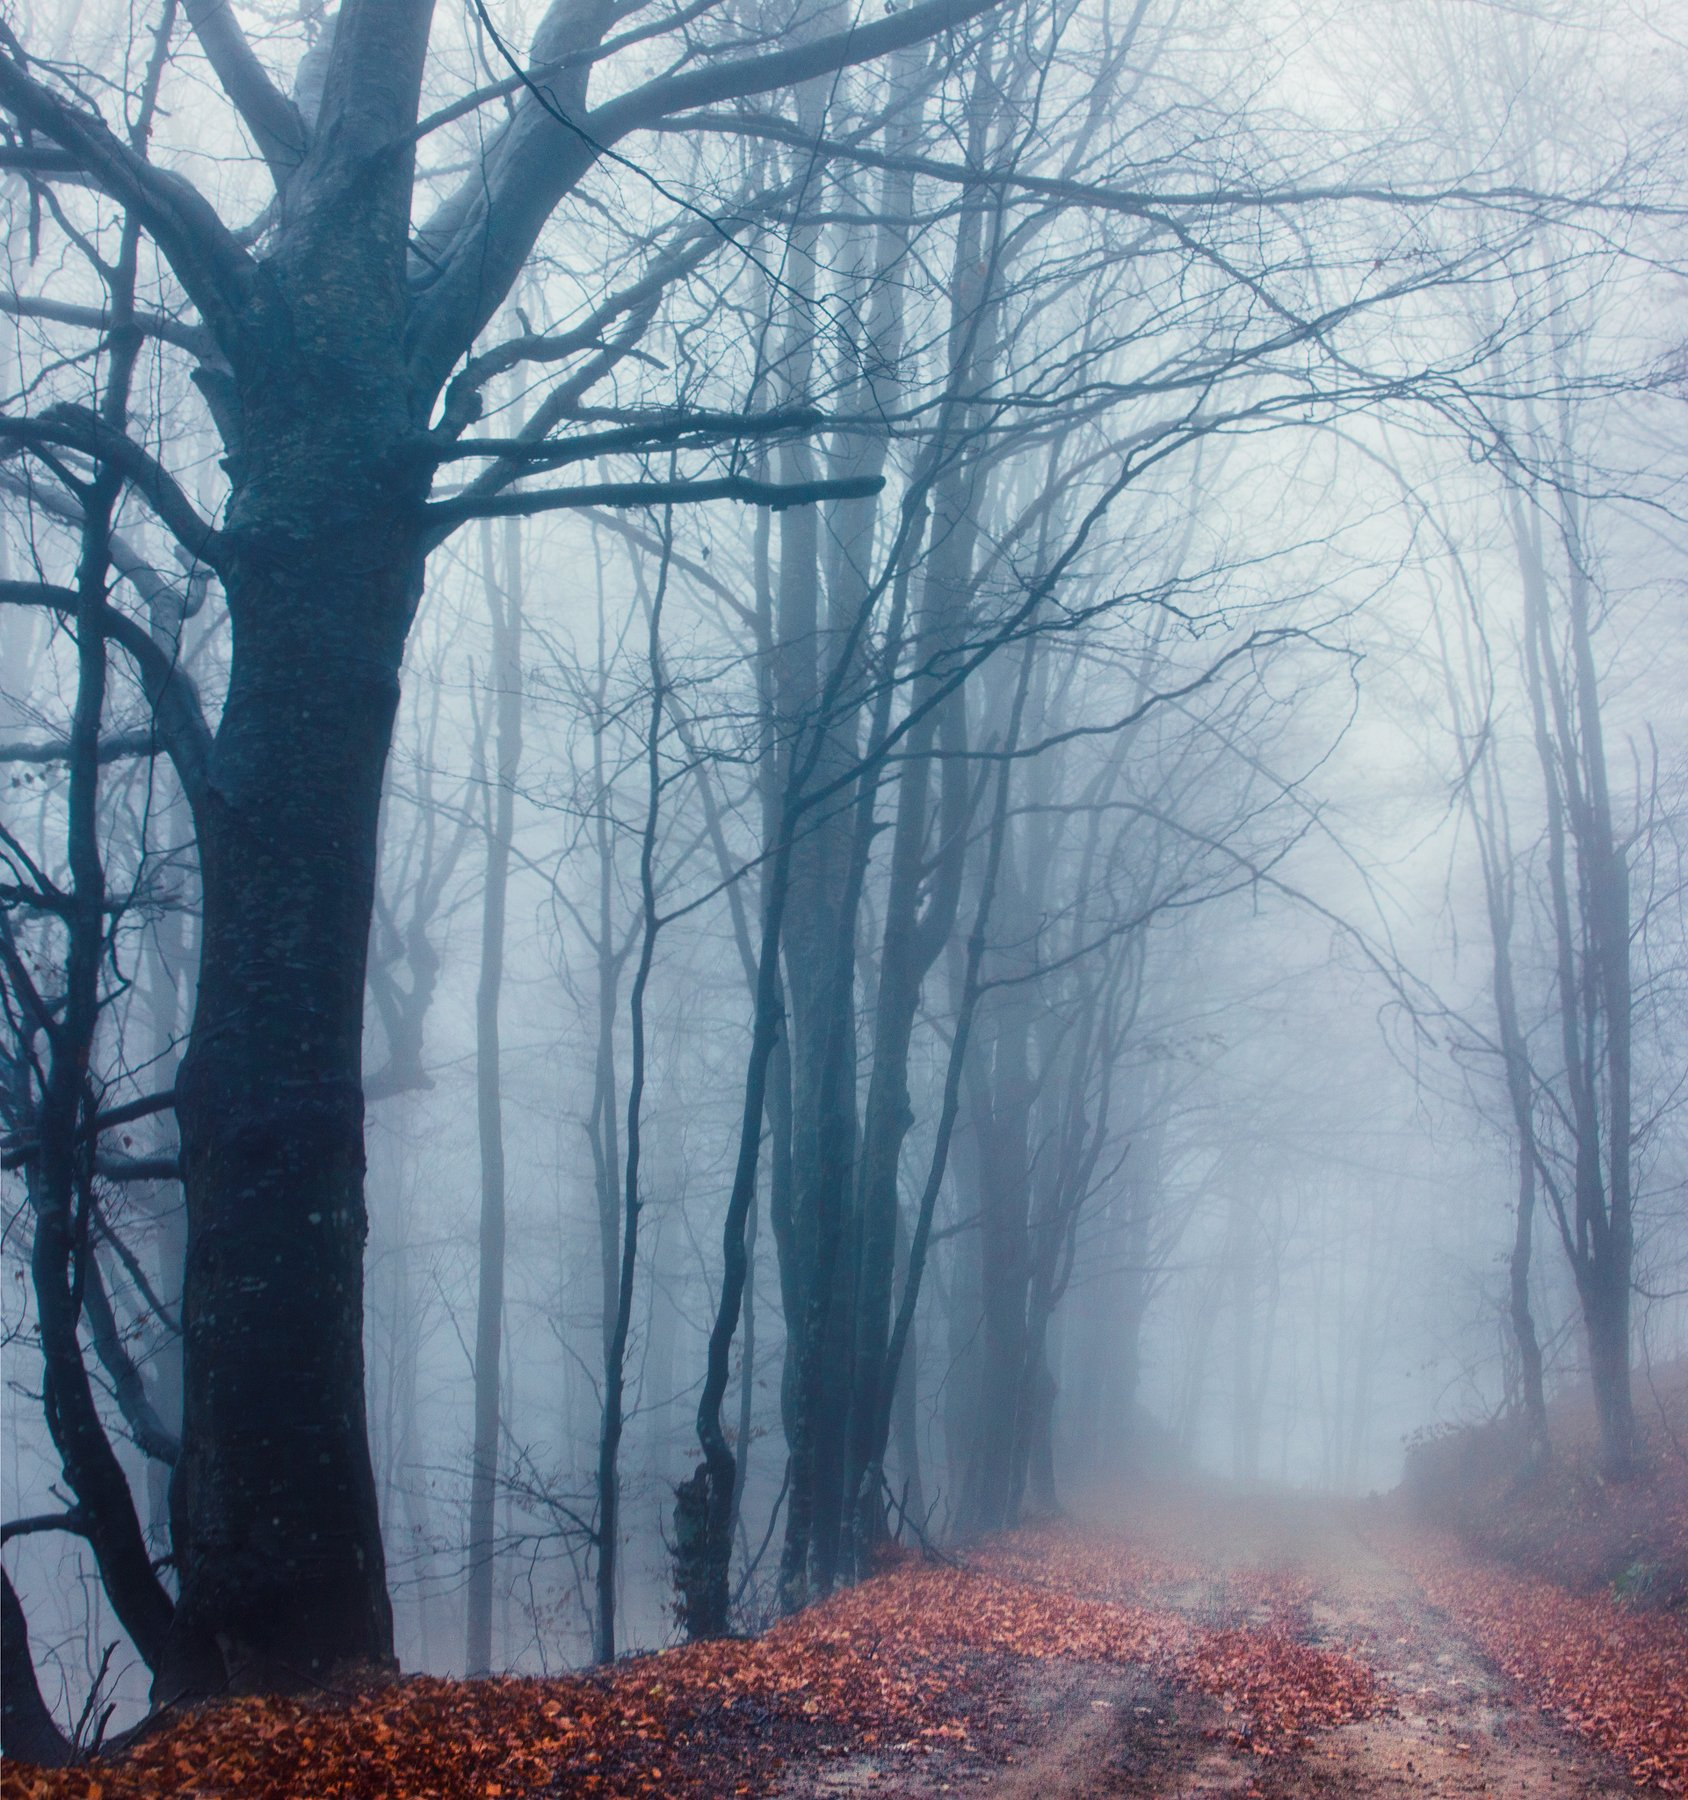 природа, горная дорога, бук, лес, дерево, осень, мокрый, дождливый, туманный, сербия,nature, mountain road, beech, forest, tree, autumn, wet, rainy, foggy, serbia,, Марко Радовановић